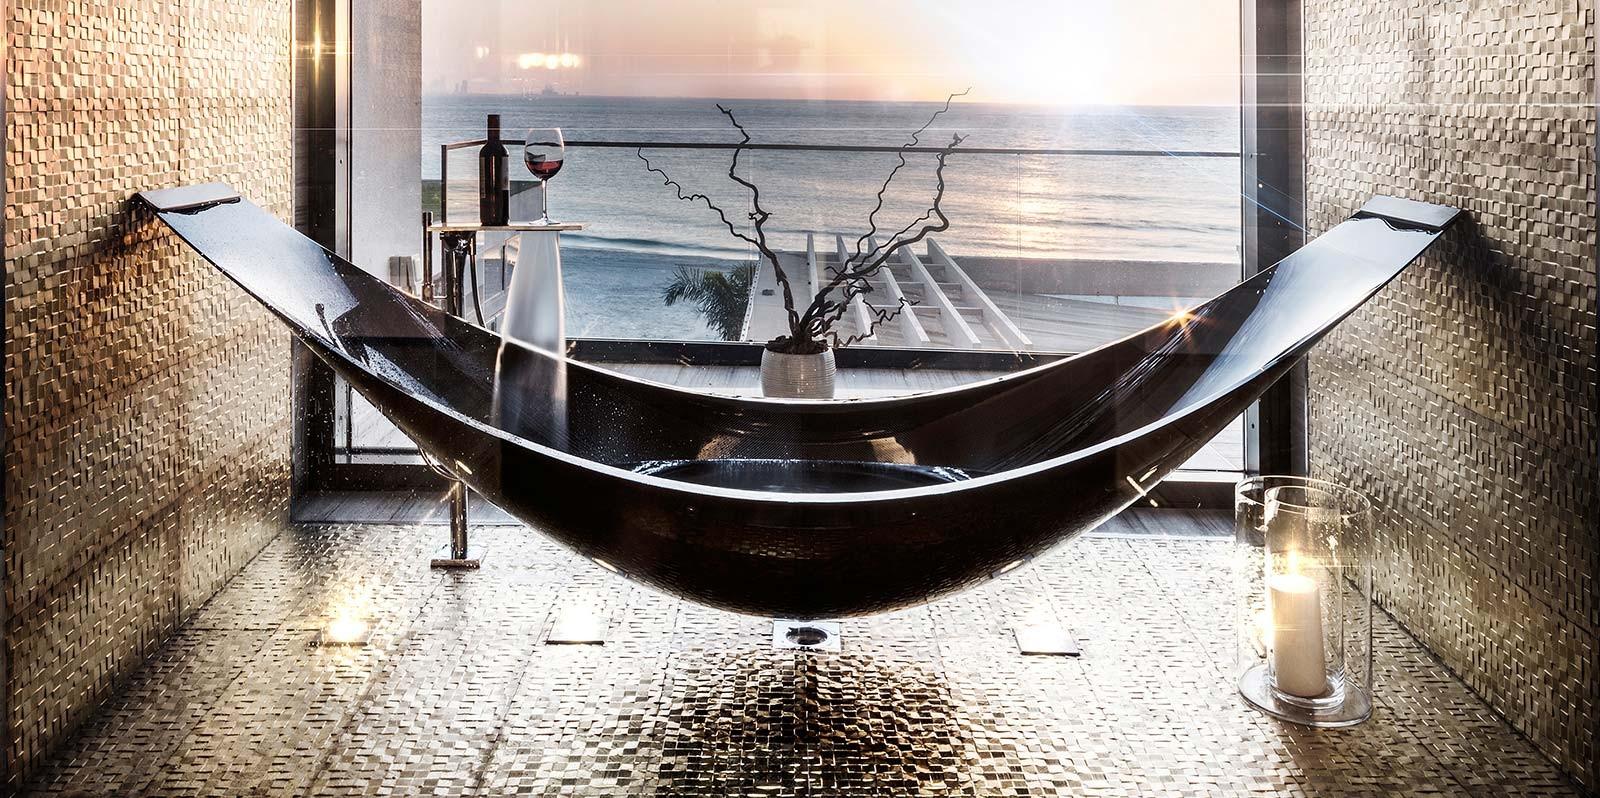 ultra-luxury-high-end-hammock-bathtub-artistic-designer-bathtub-for-modern-interiors